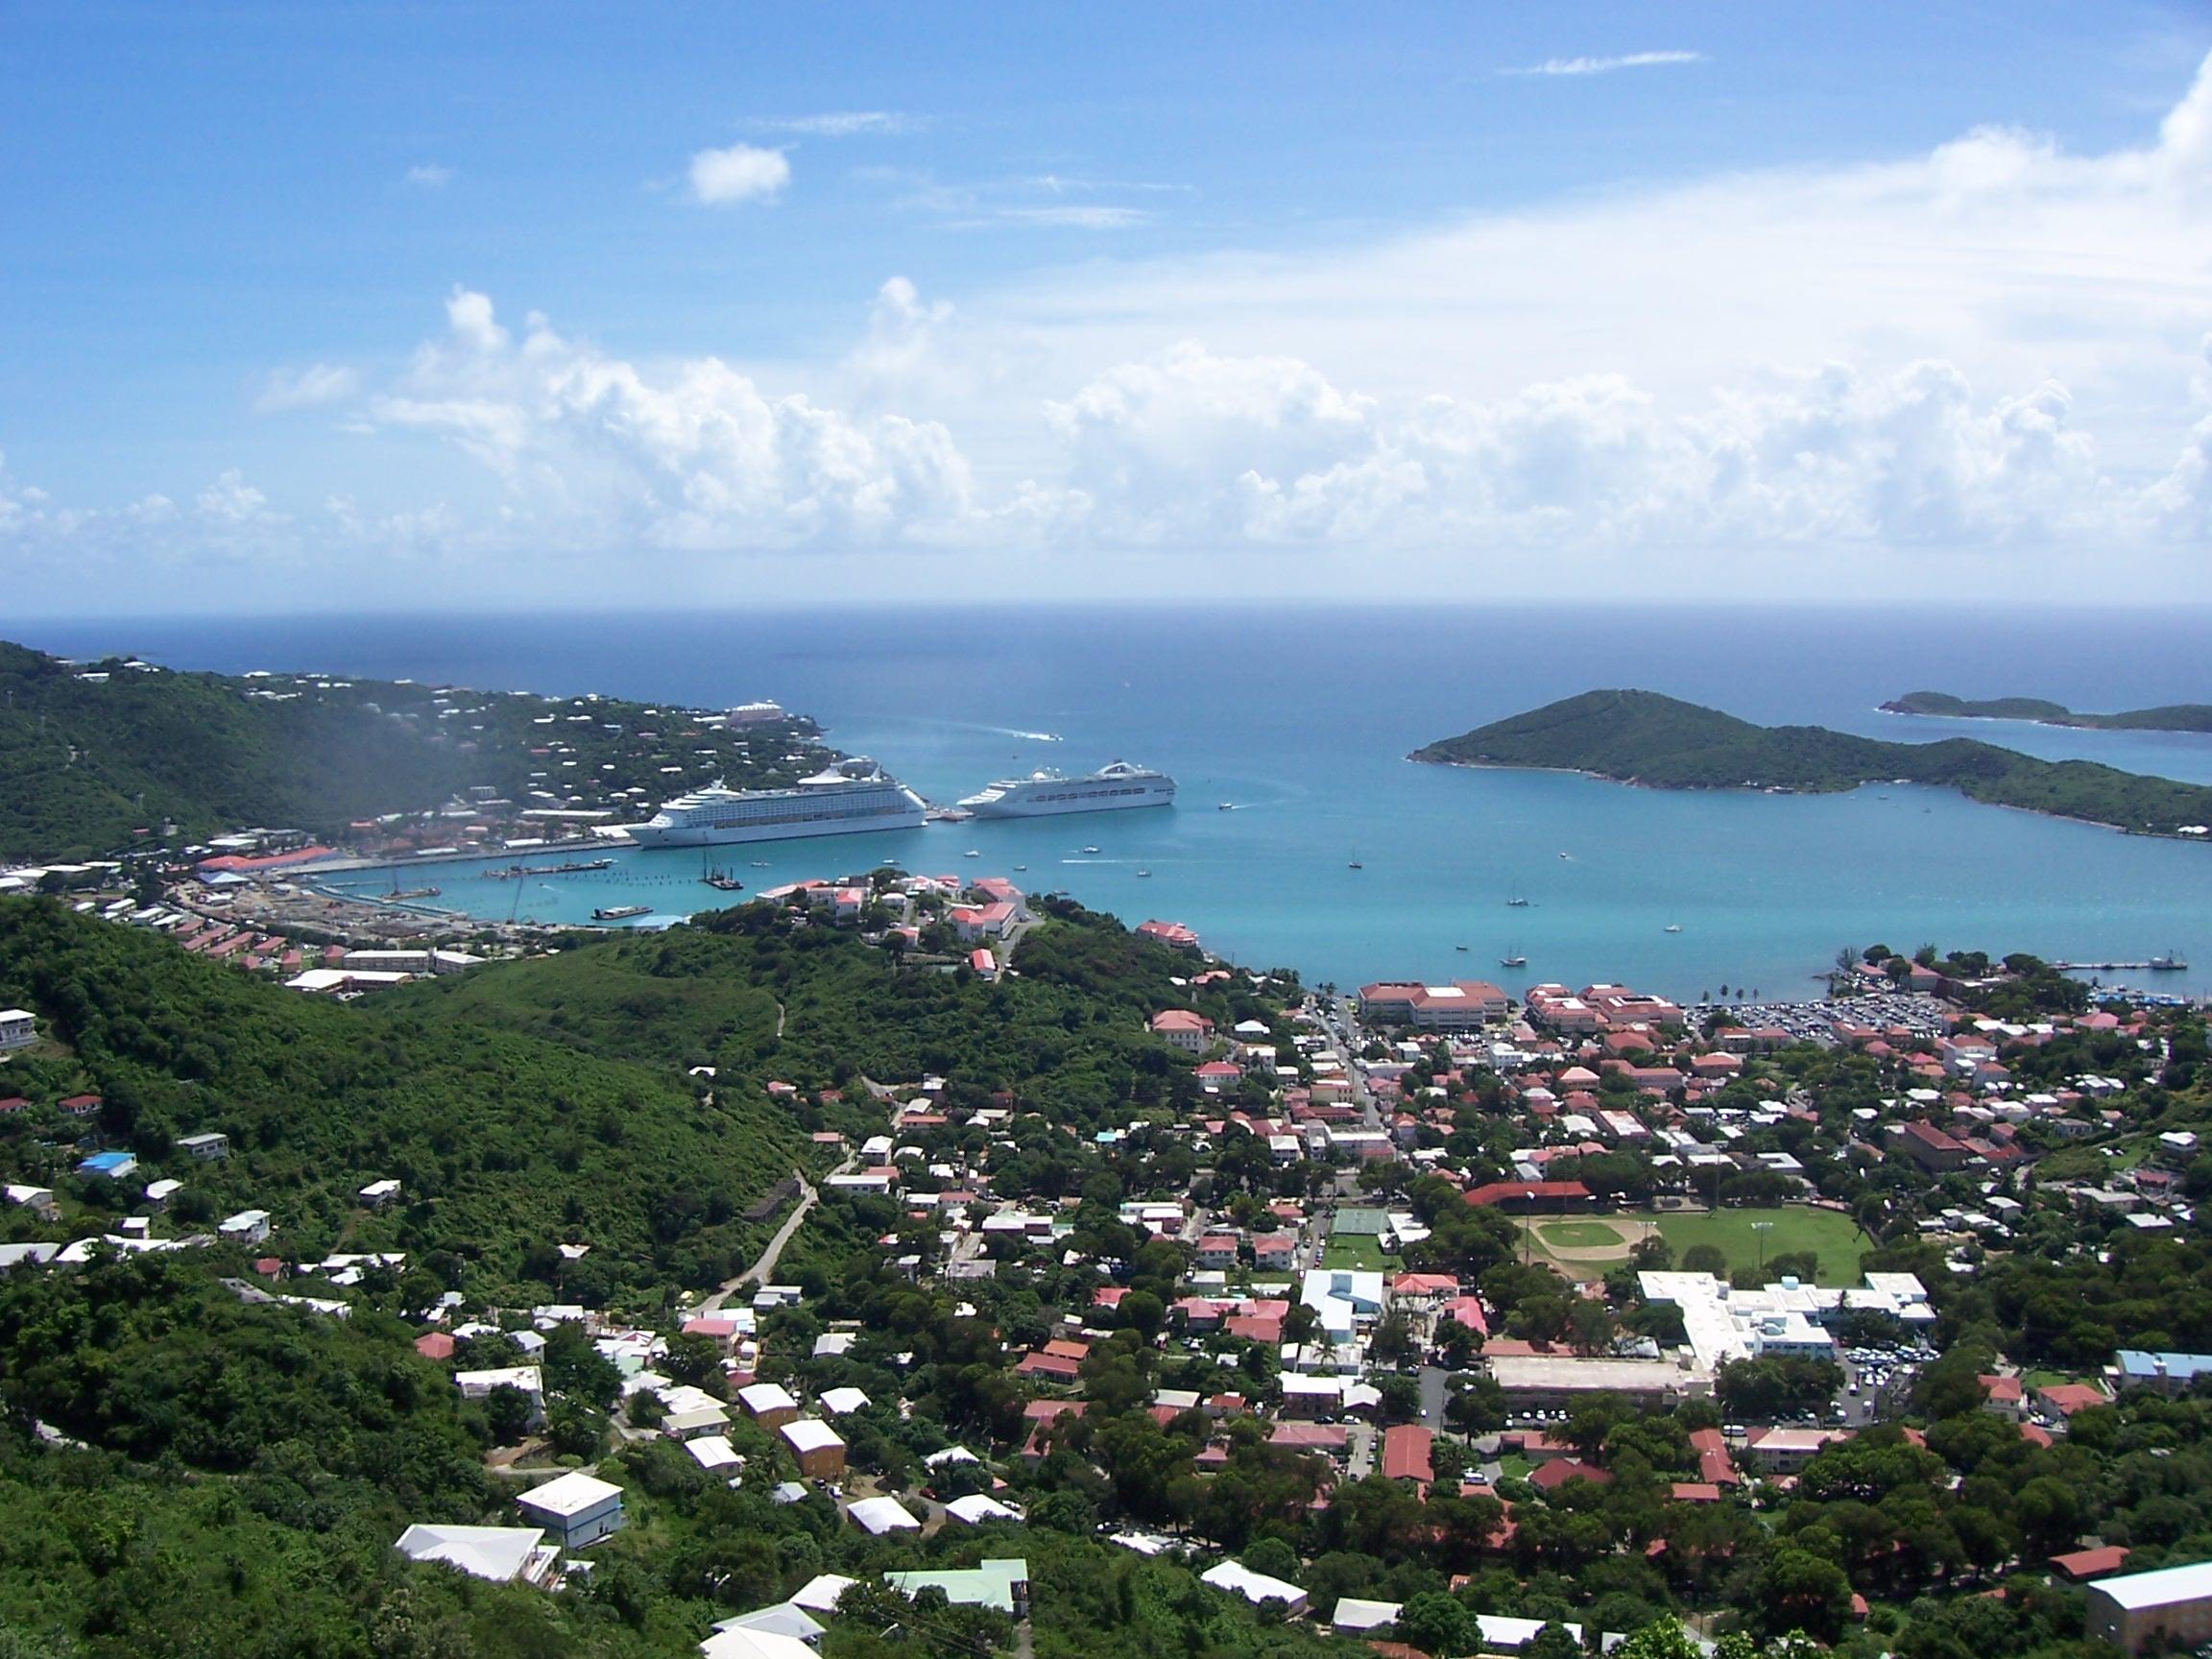 Noleggio Barche Charlotte Amalie - Navalia | Noleggia un Sogno